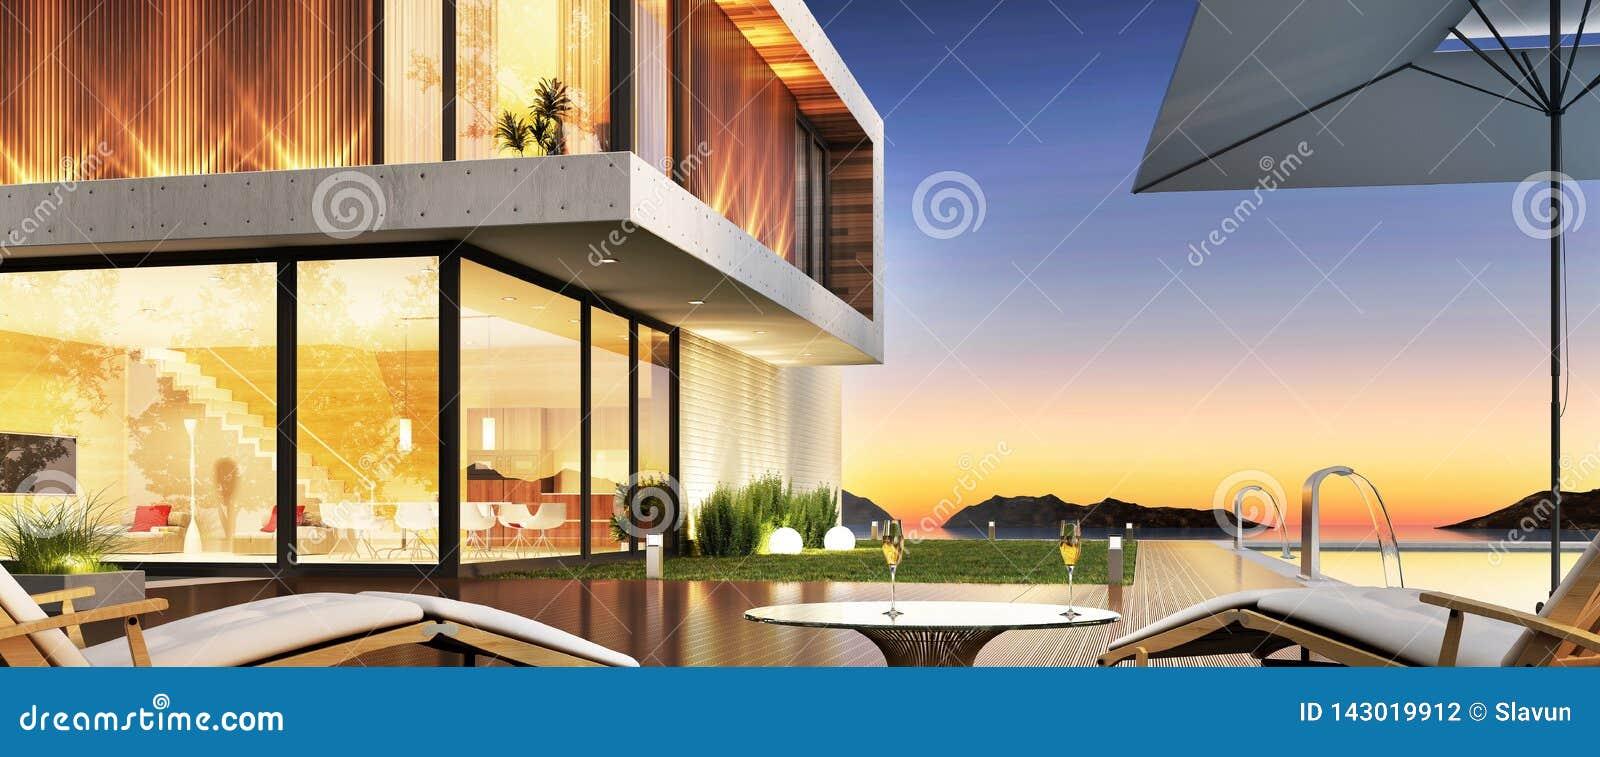 Casa de lujo con la piscina y terraza para relajarse